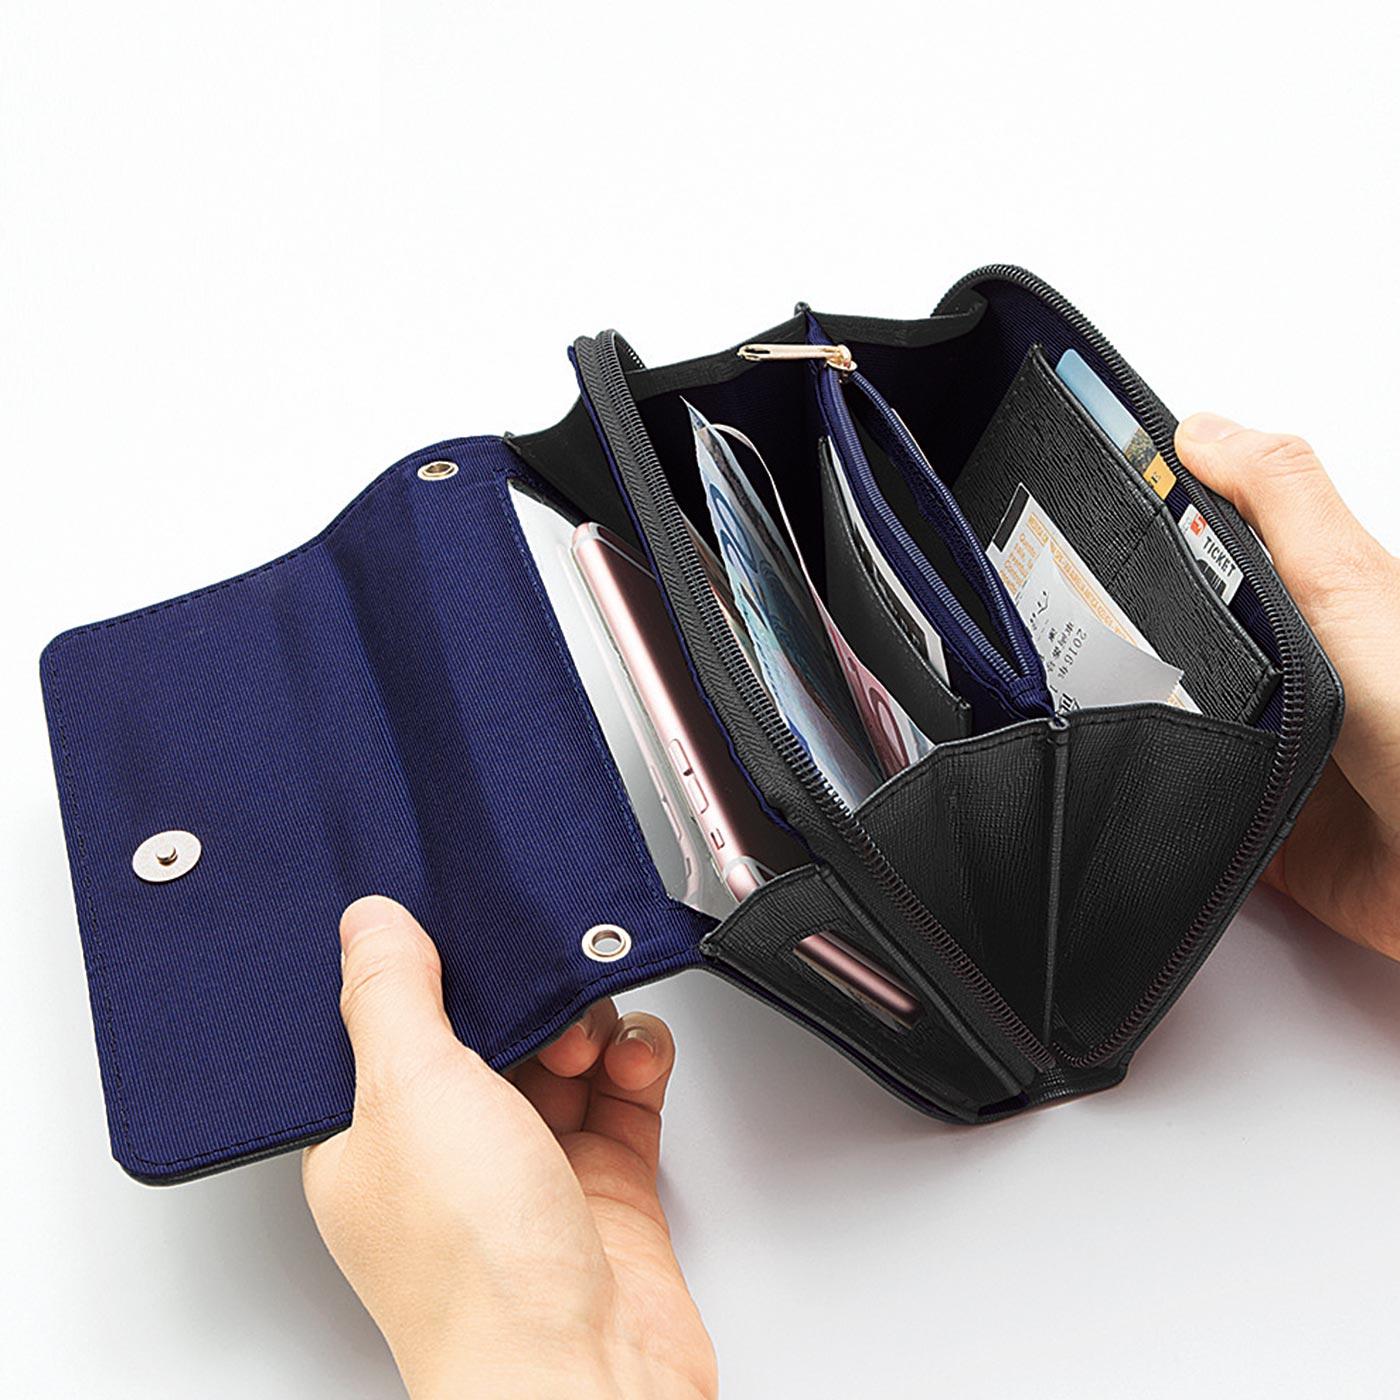 ガバッと開くじゃばら仕様。ワンタッチ開閉のマグネットホックで、中身が整理しやすくポケットもたくさん。カードポケット6個。